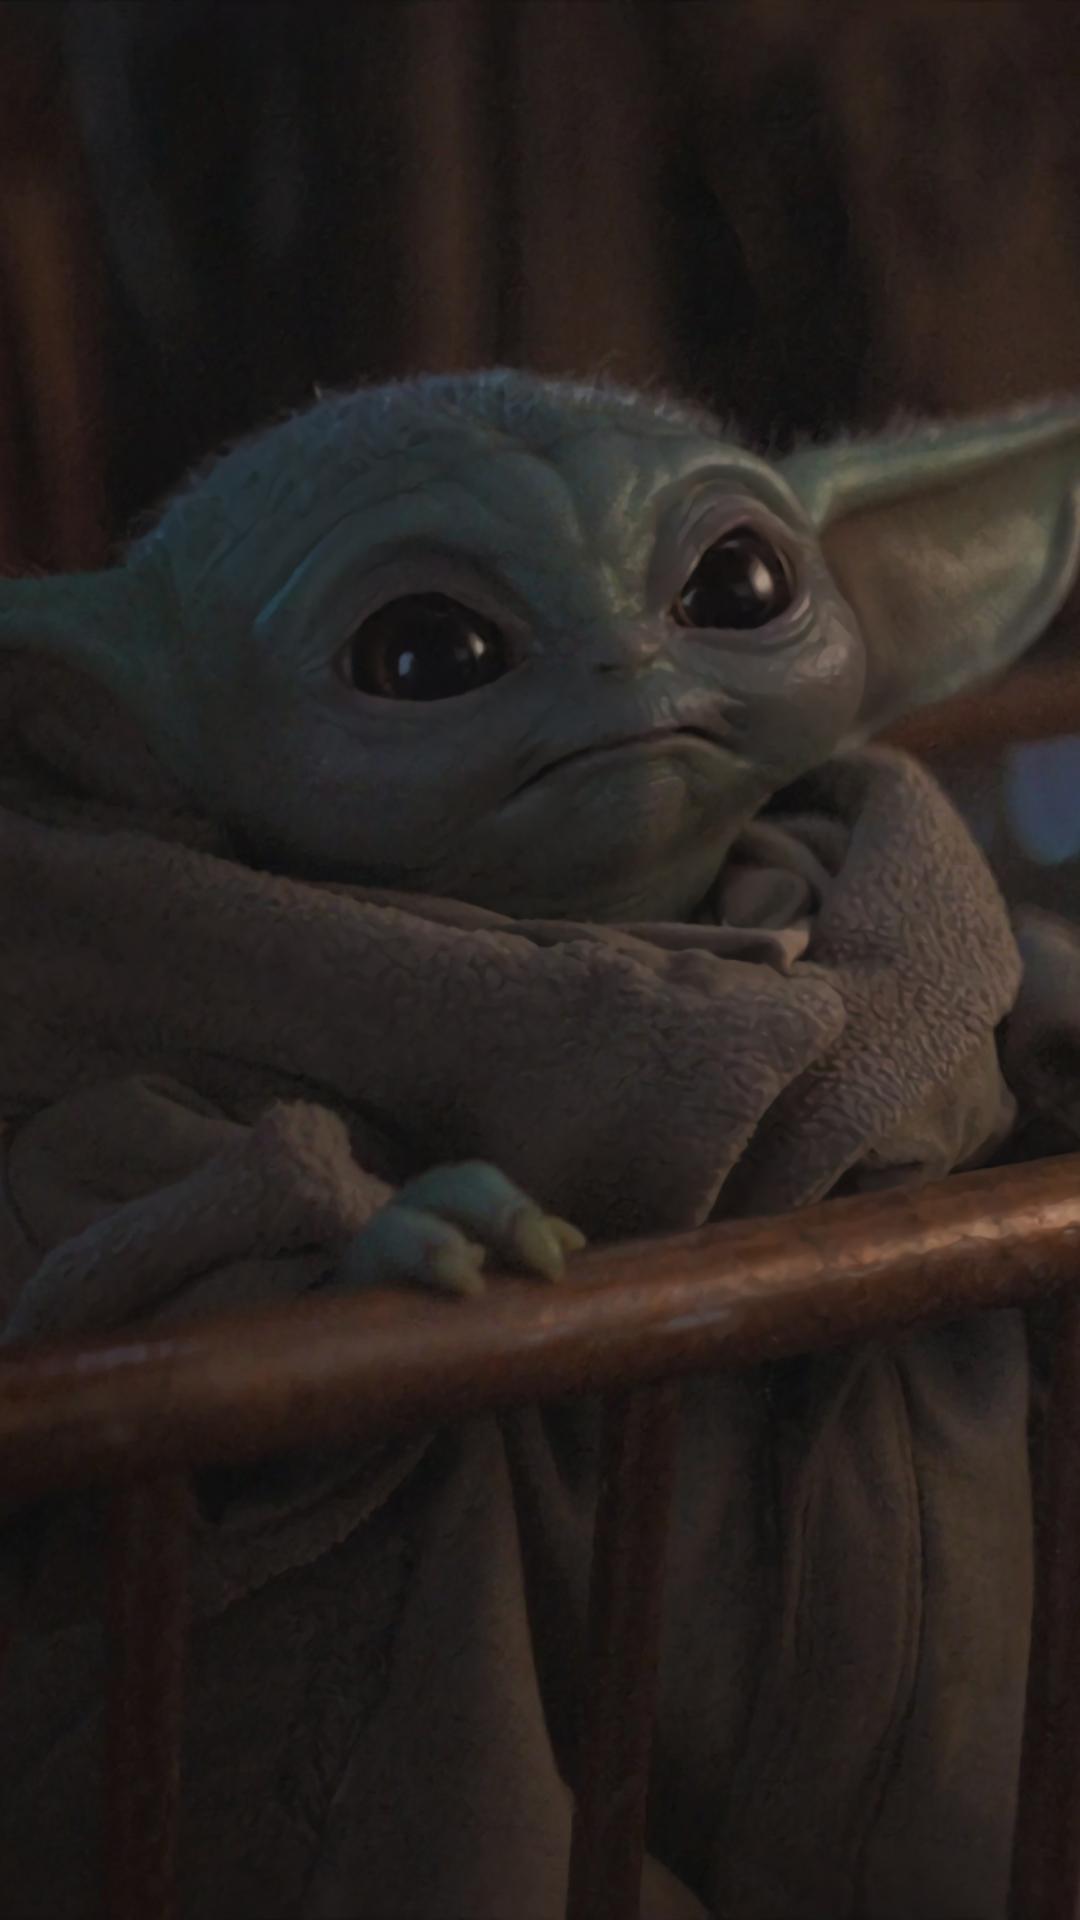 1080x1920 Cute Baby Yoda from Mandalorian Iphone 7, 6s, 6 ...